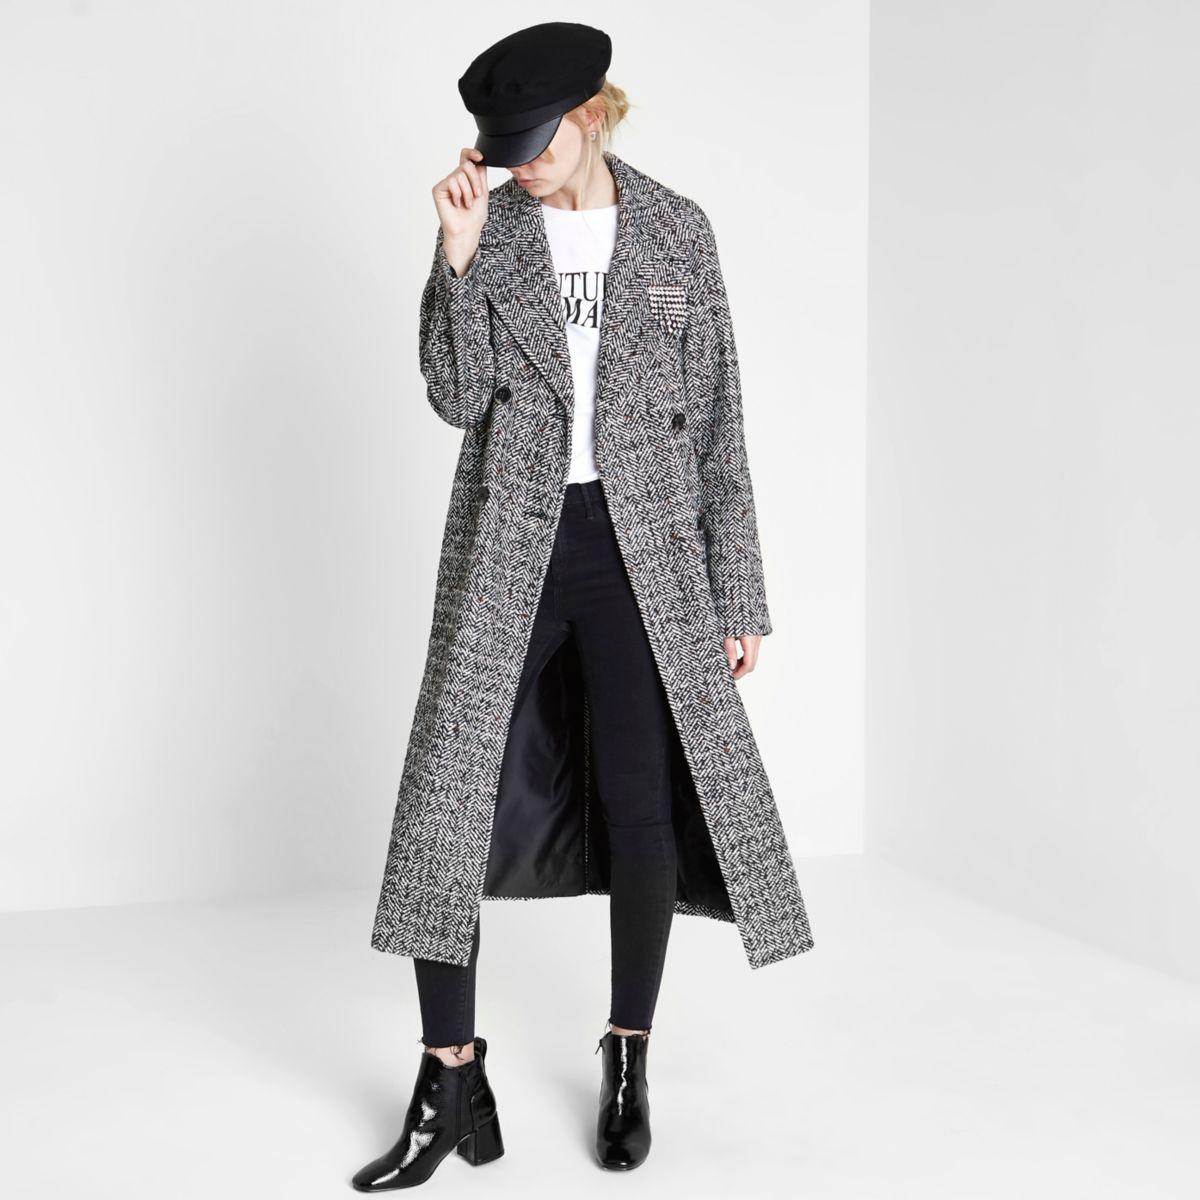 Zwarte lange jas met dubbele knopenrij en broche